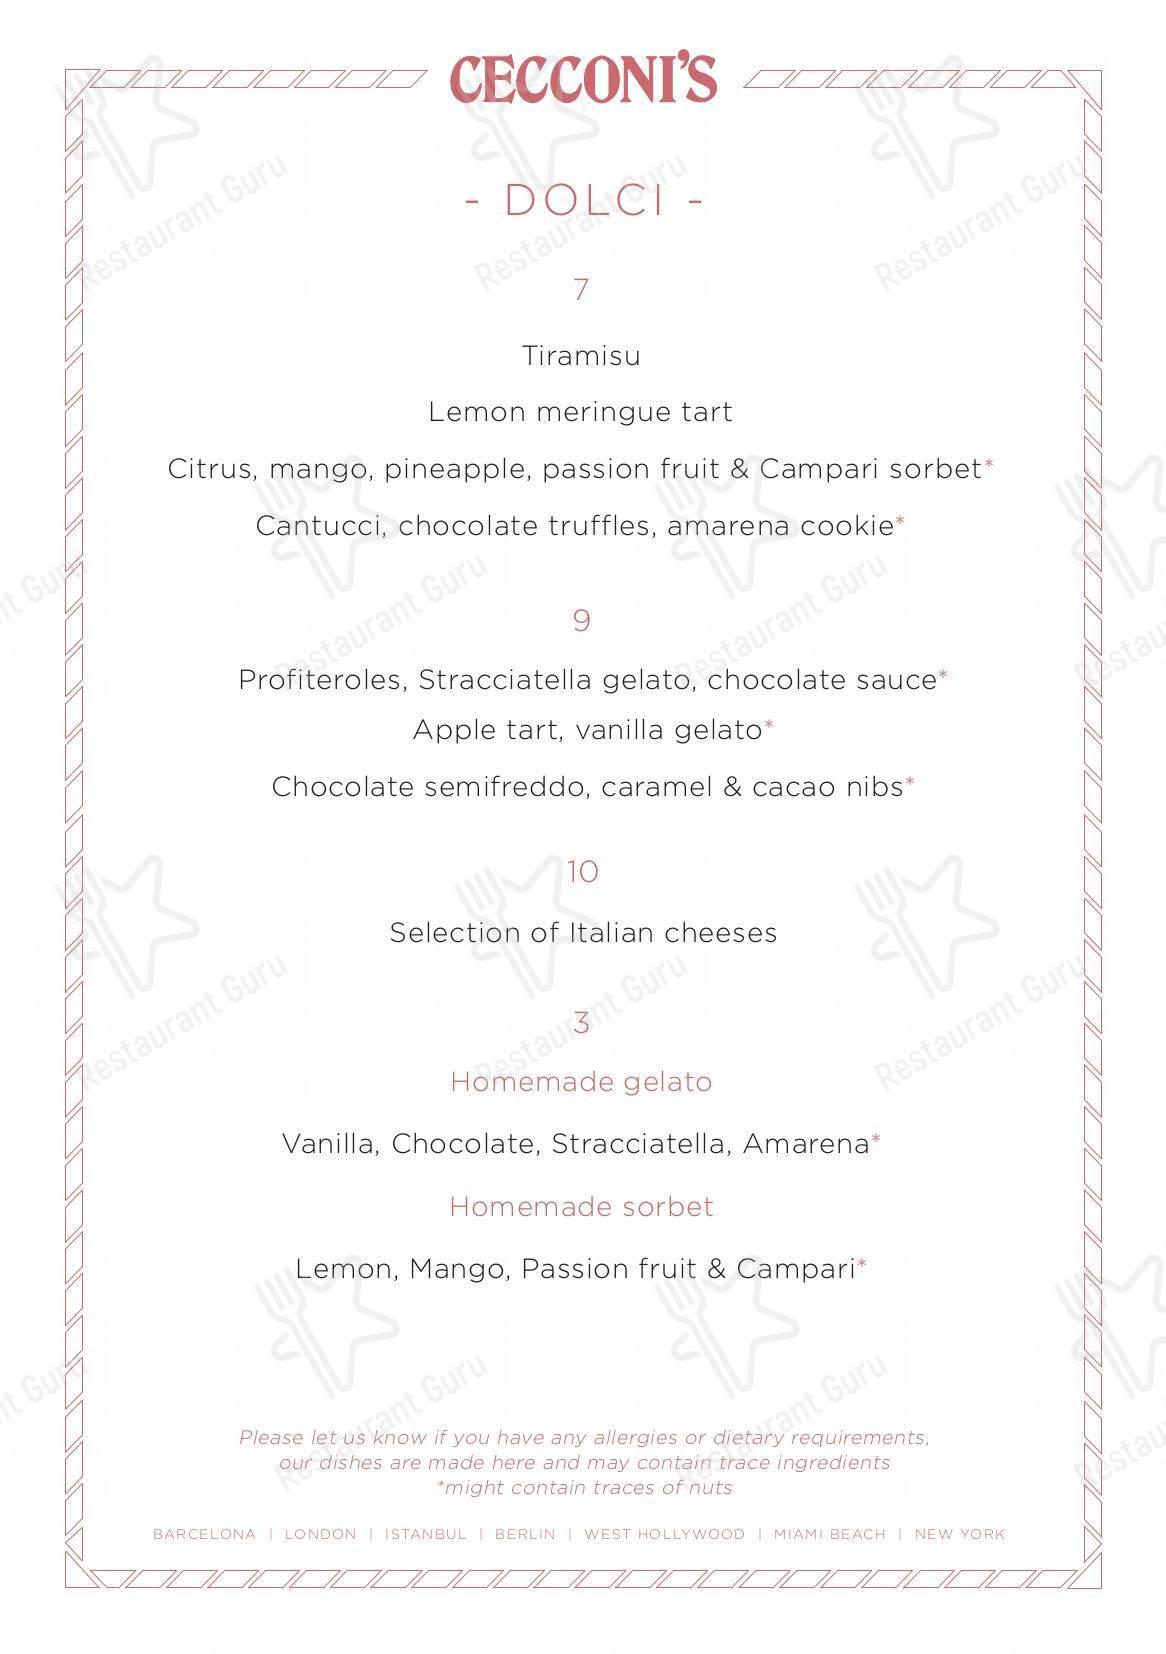 Cecconi's Barcelona menu